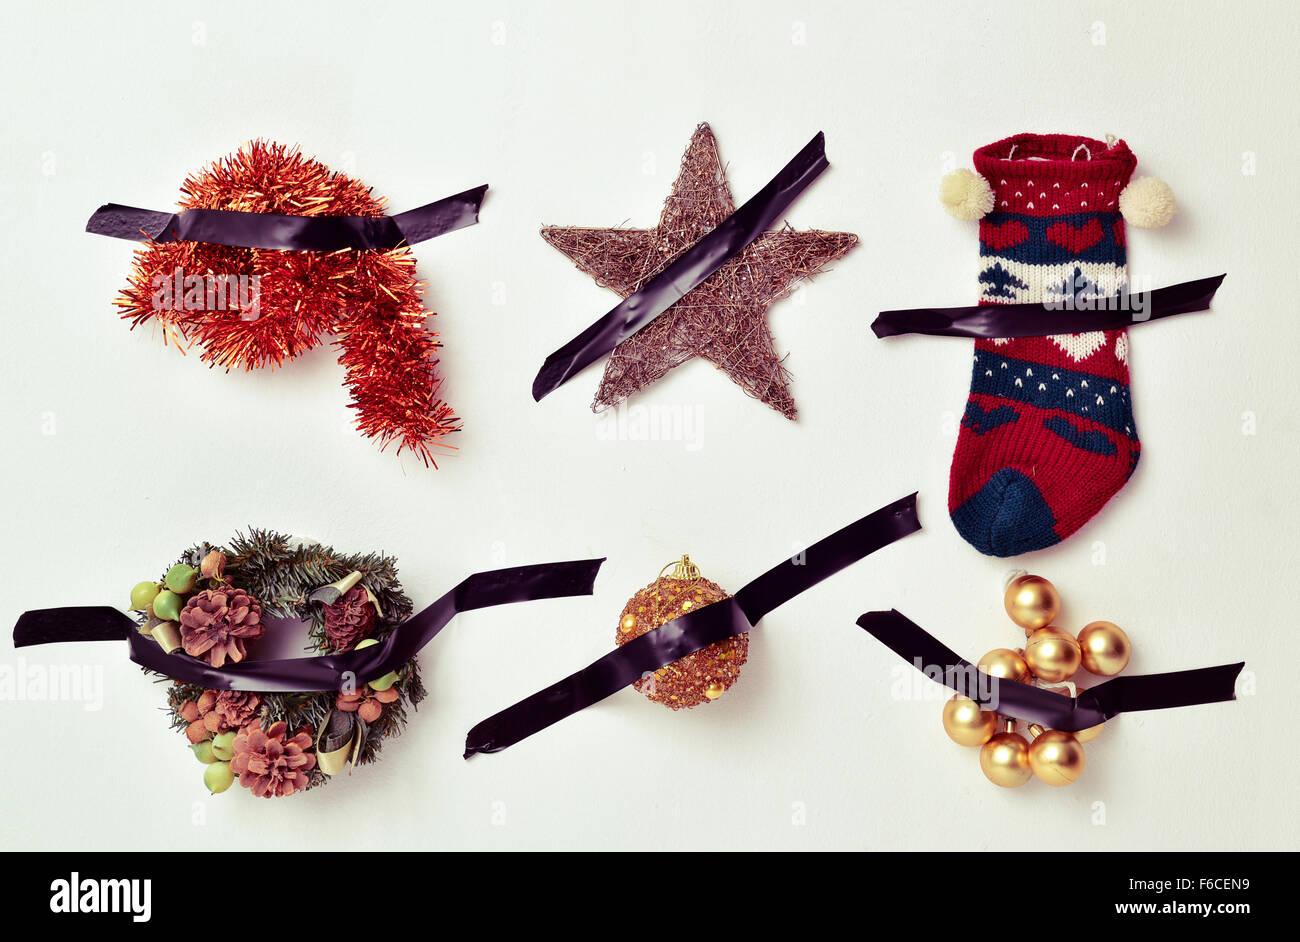 Alcune diverse decorazioni di Natale, come tinsel, una stella, una calza o baubles, attaccato ad una parete bianca Immagini Stock